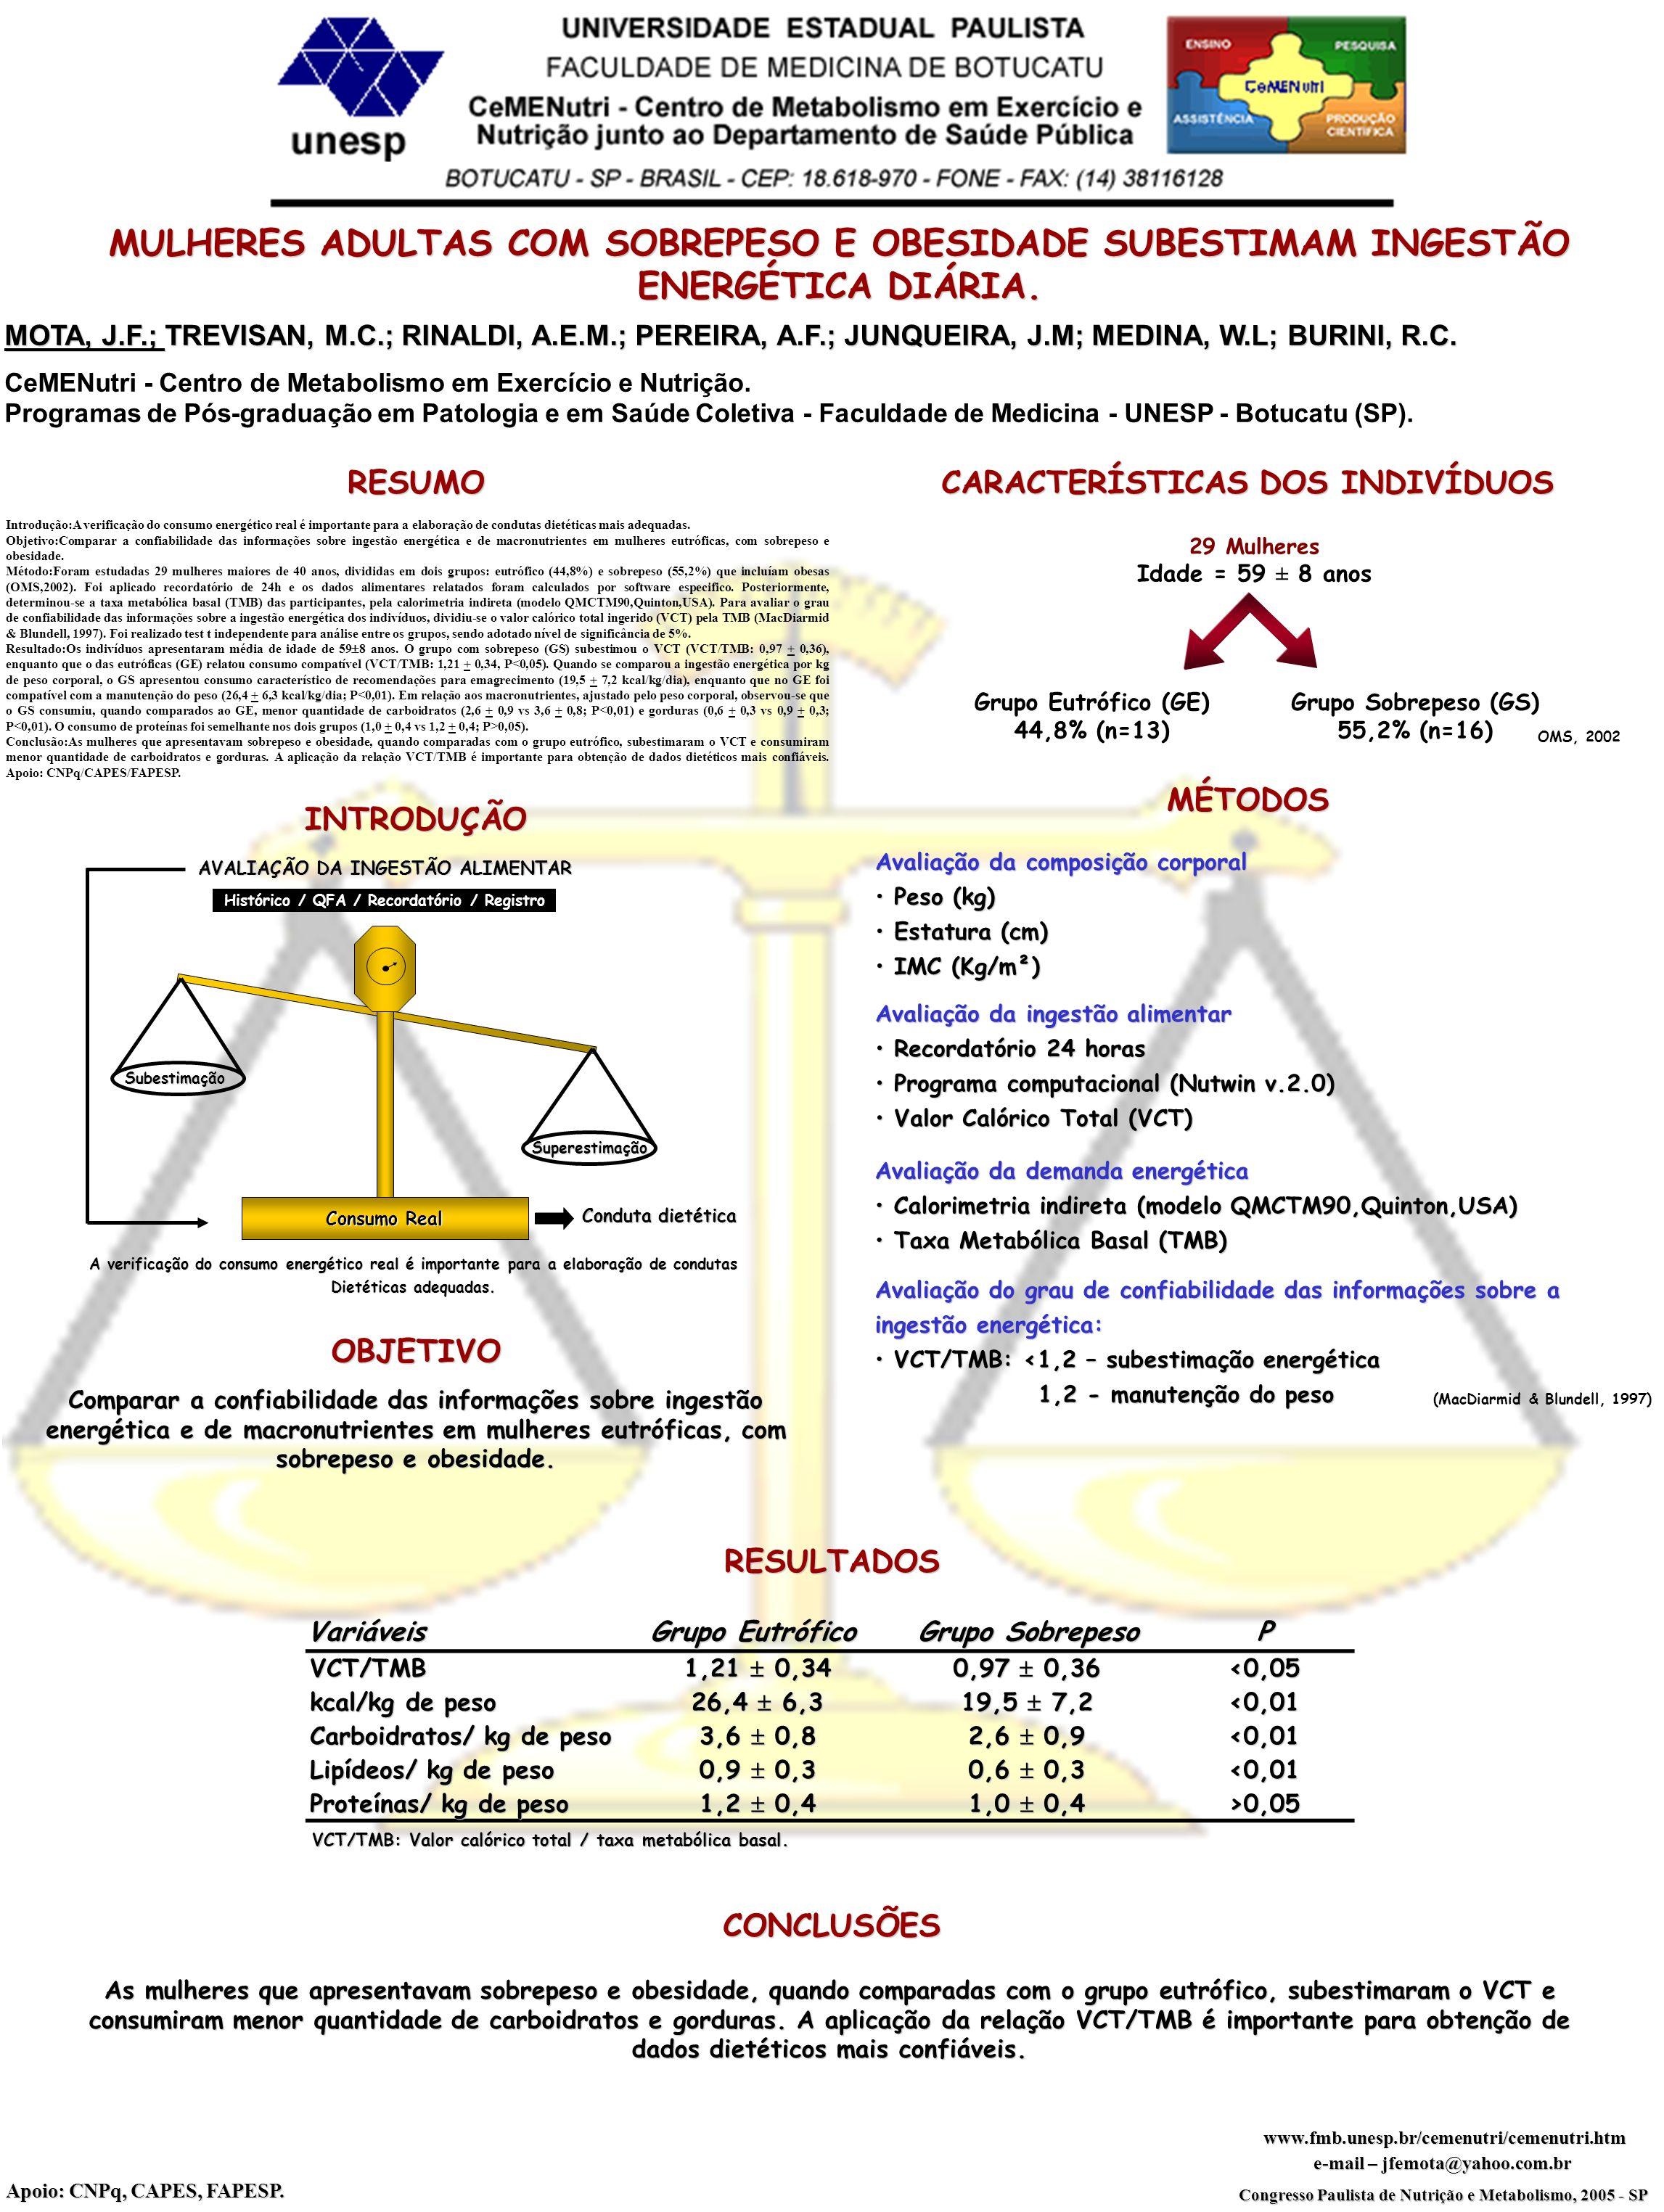 CeMENutri - Centro de Metabolismo em Exercício e Nutrição. Programas de Pós-graduação em Patologia e em Saúde Coletiva - Faculdade de Medicina - UNESP